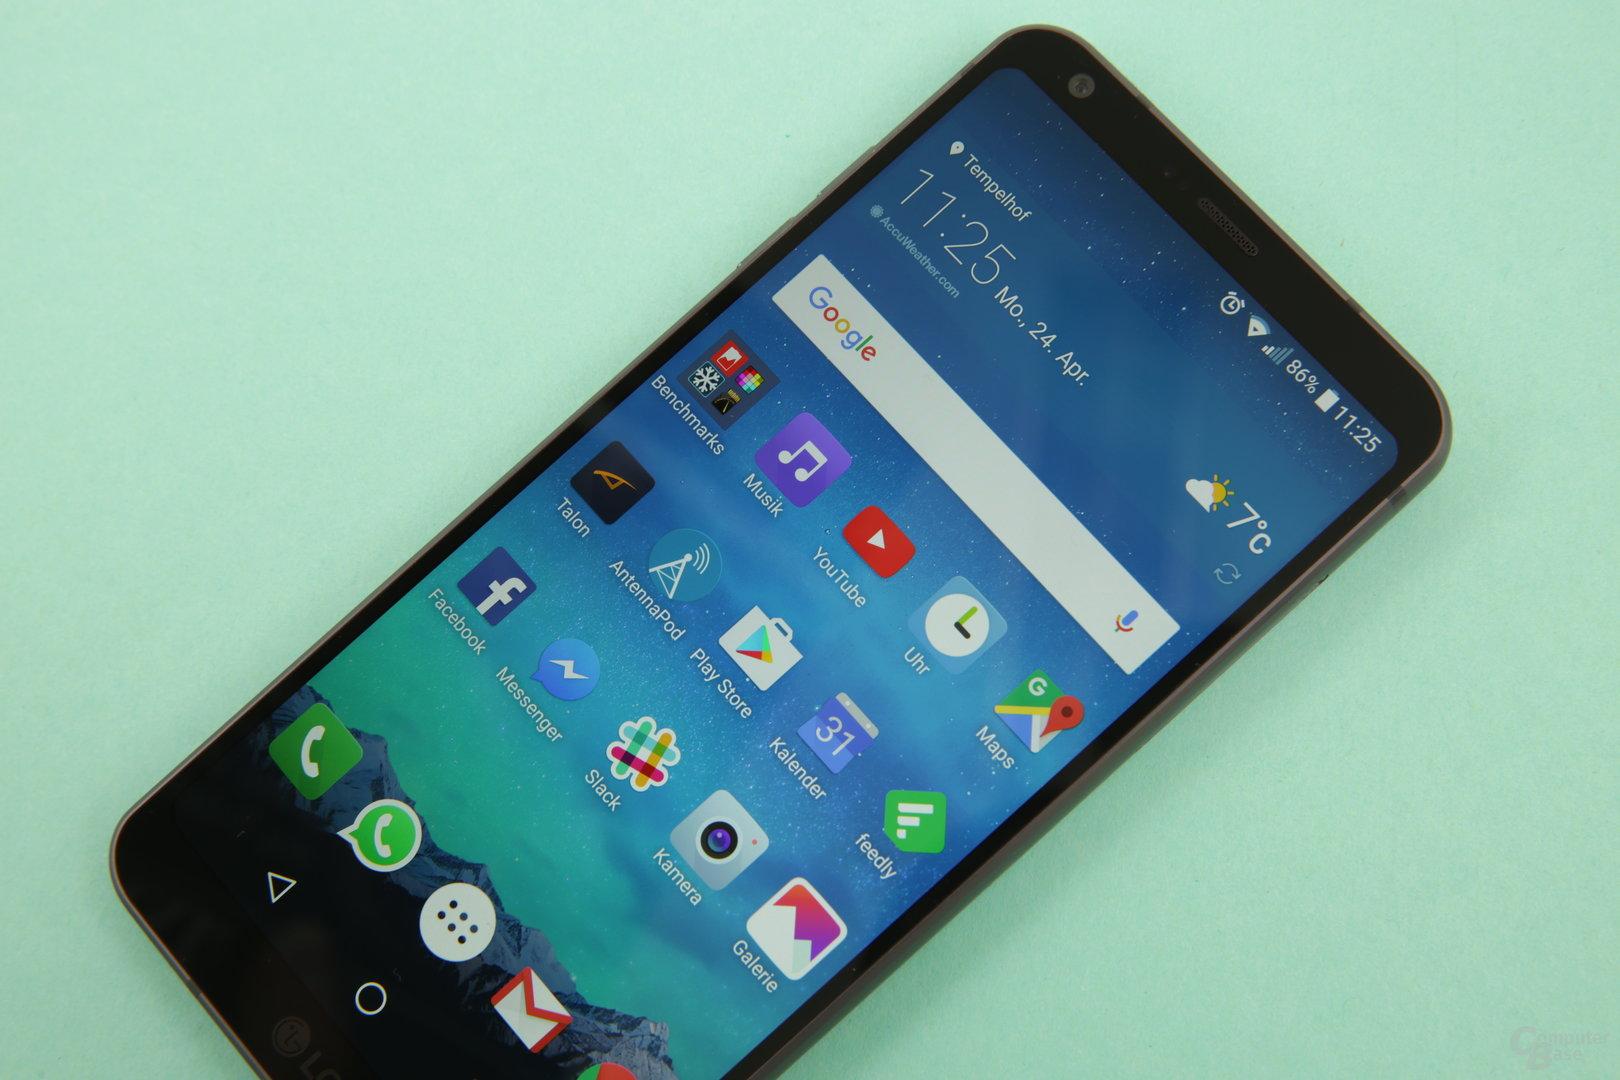 Mit dem G6 beweist LG, dass das Unternehmen doch gute Smartphones bauen kann